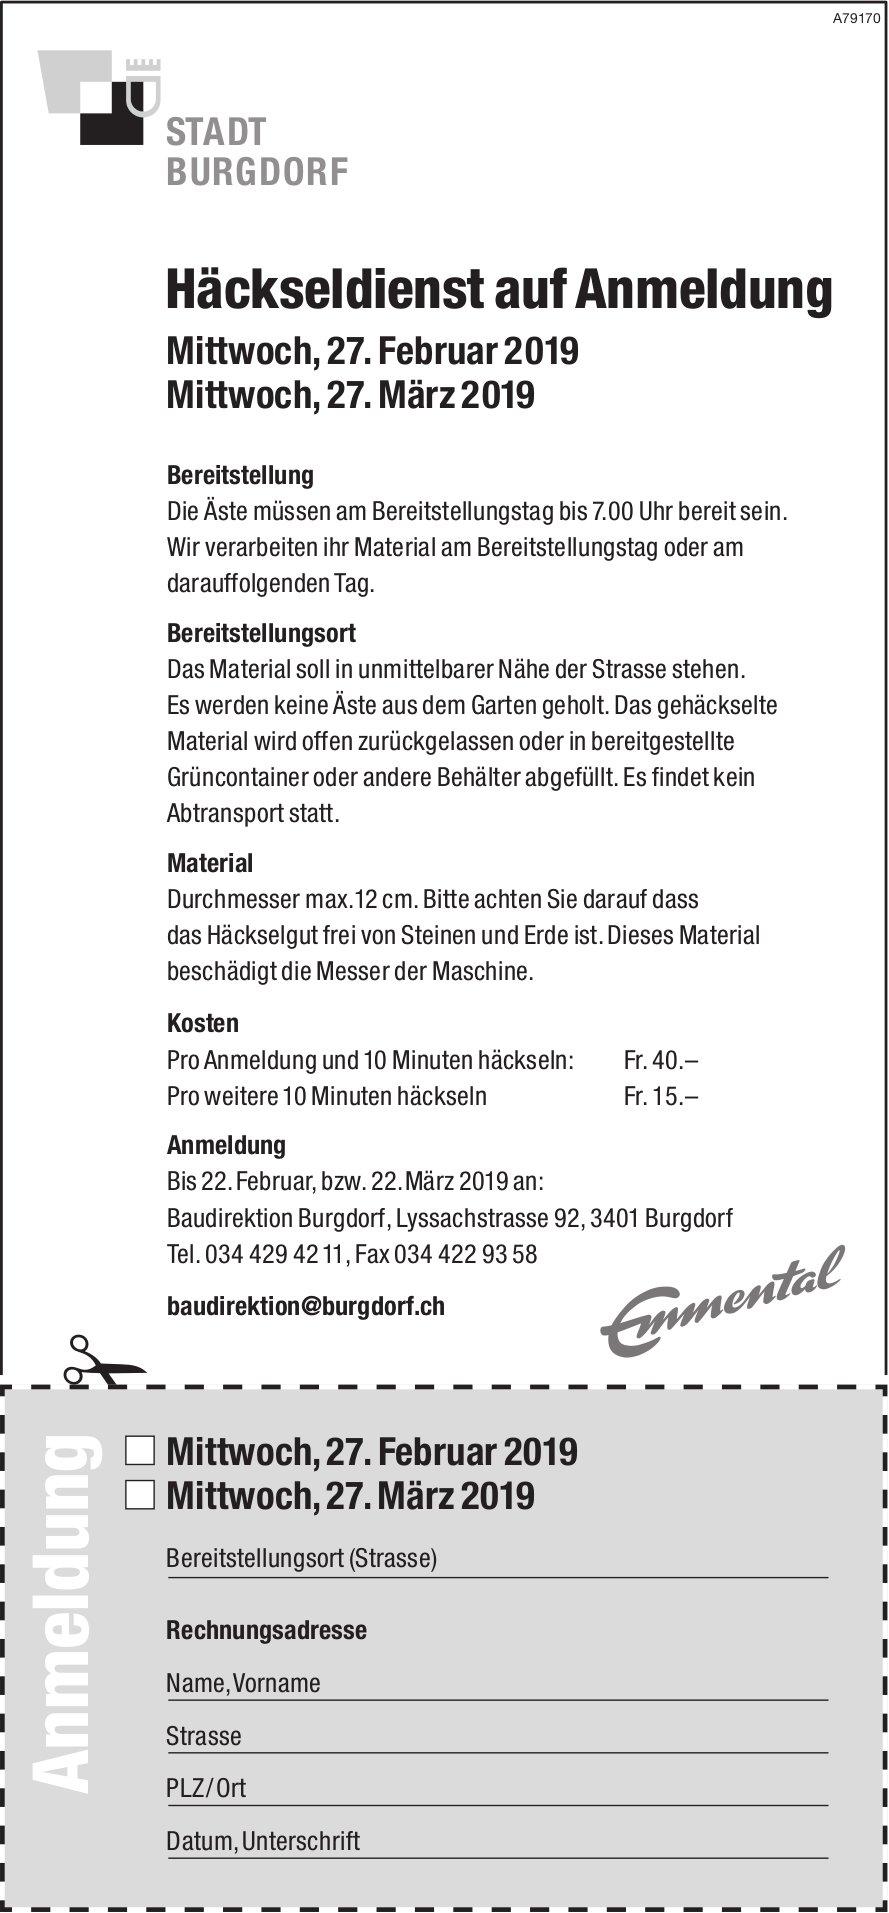 Häckseldienst auf Anmeldung, 27. Februar - 27. März, Stadt Burgdorf